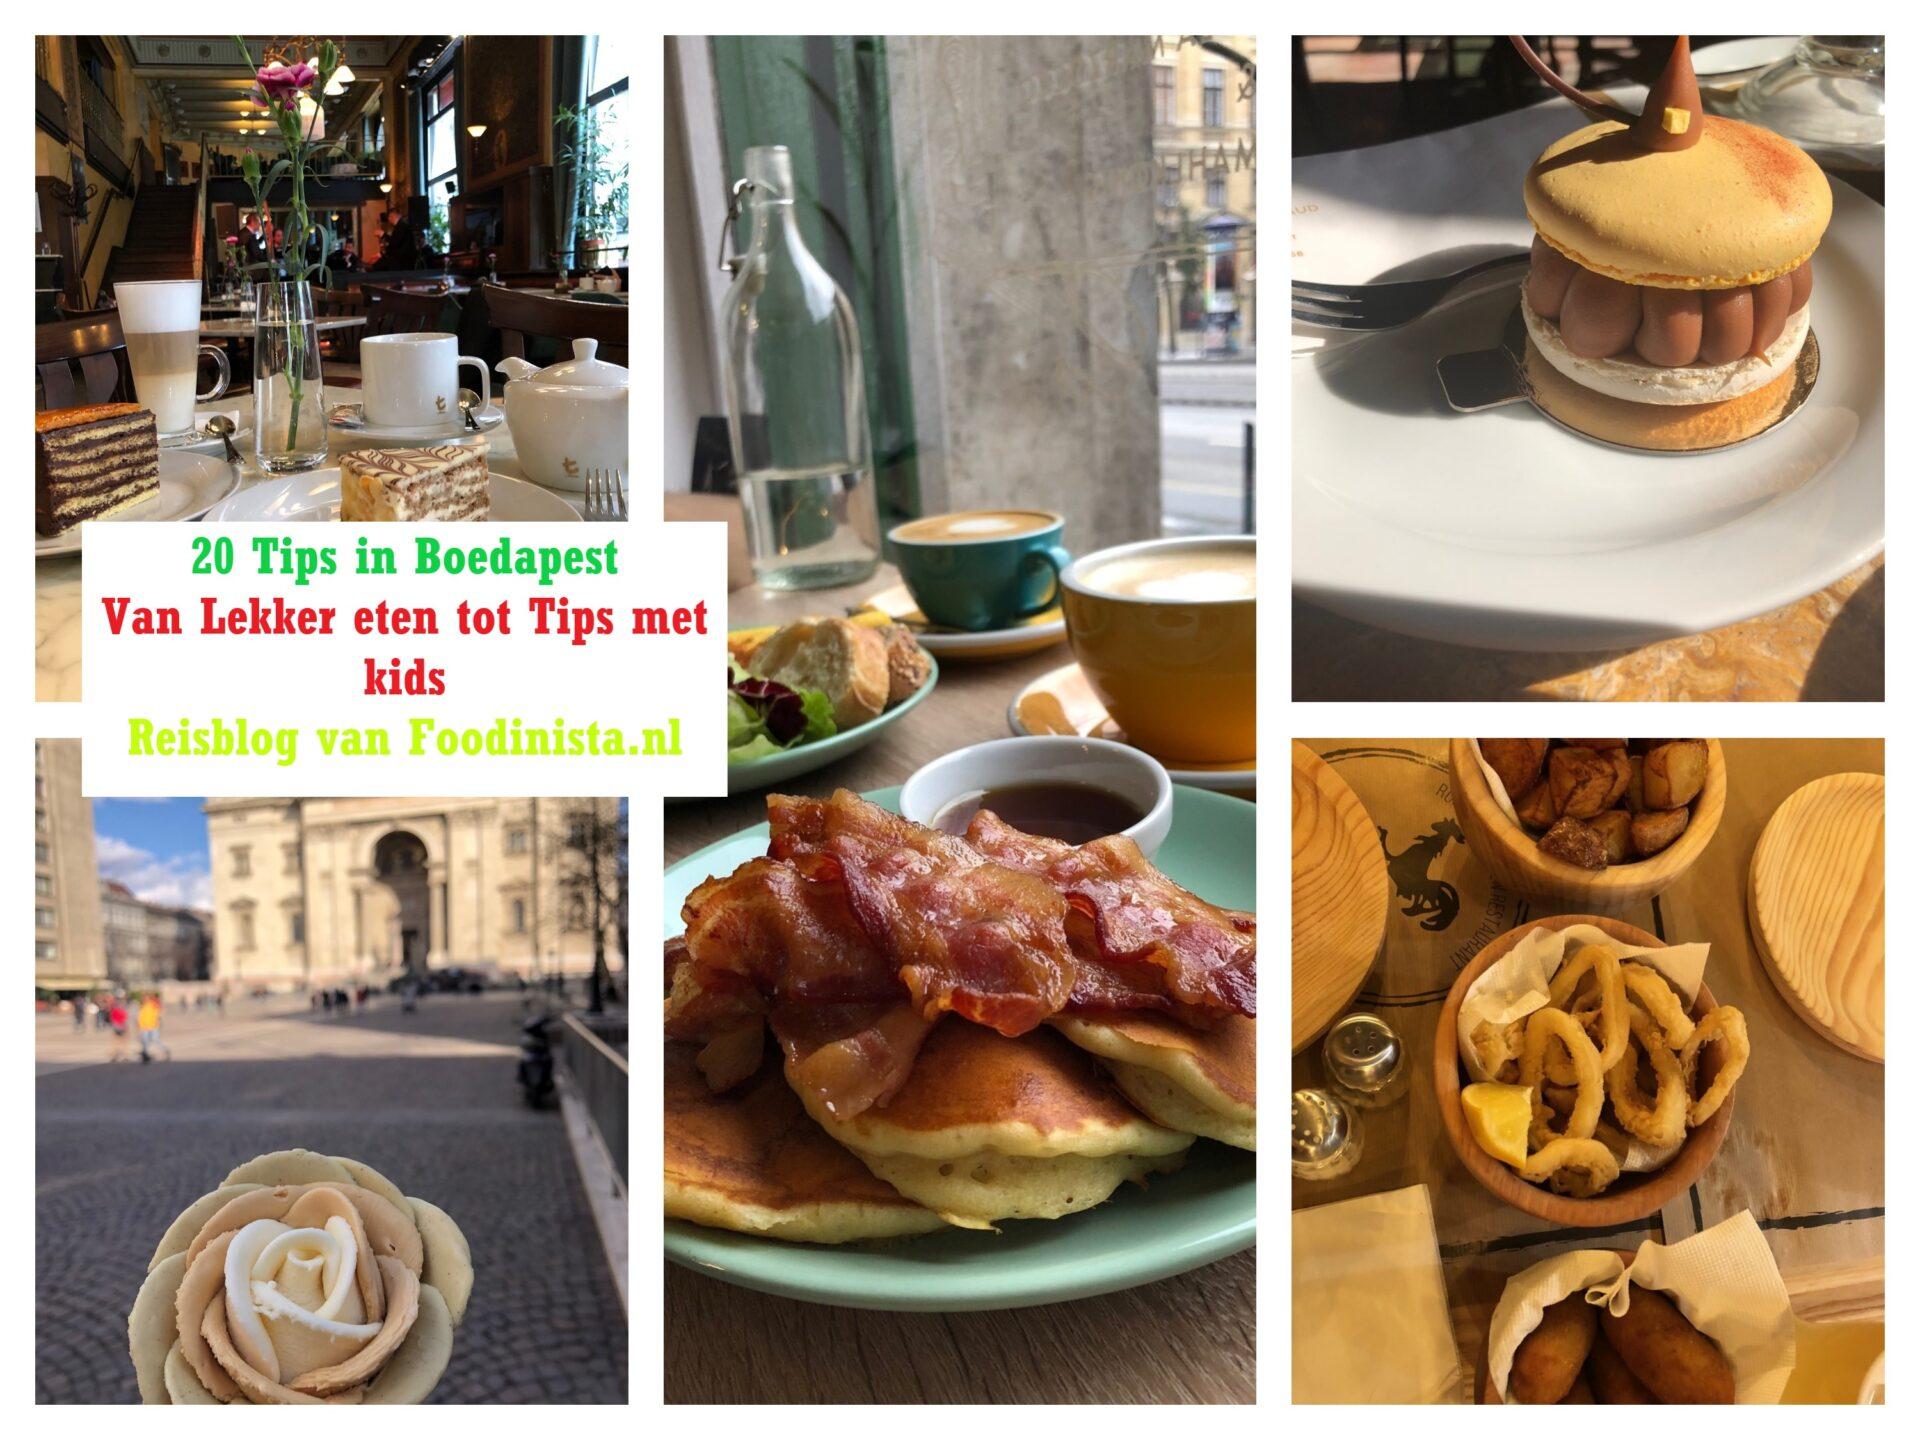 City Trip Boedapest: 20 tips van lekker eten en drinken tot Boedapest met kinderen